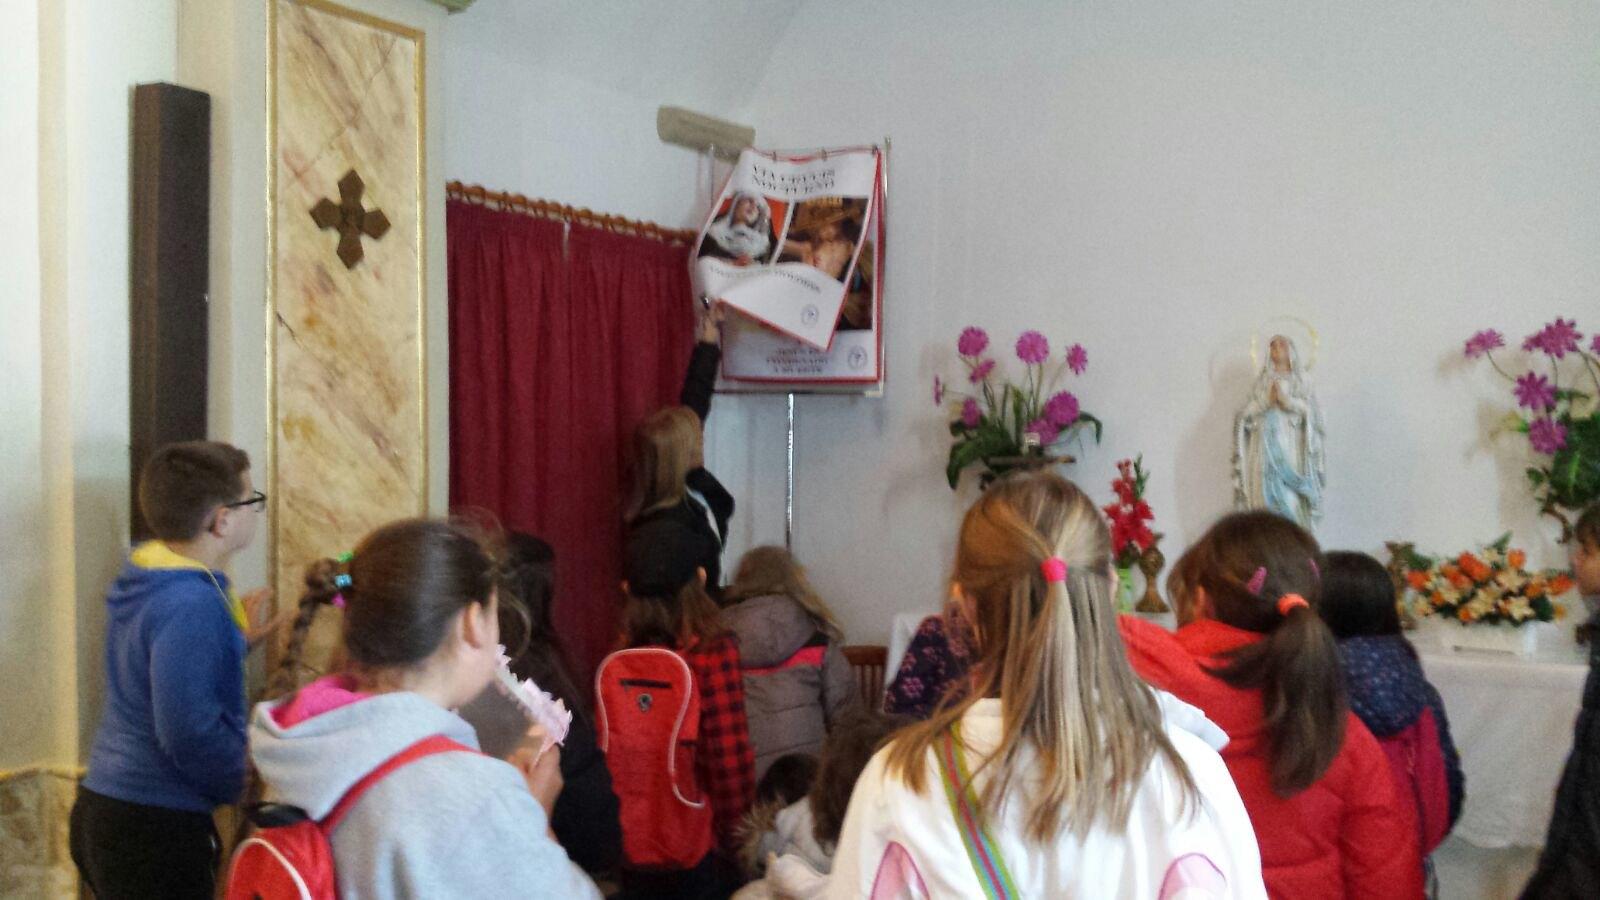 (2018-03-22) - Visita ermita alumnos Laura,3ºC, profesora religión Reina Sofia - Marzo -  María Isabel Berenguer Brotons (04)